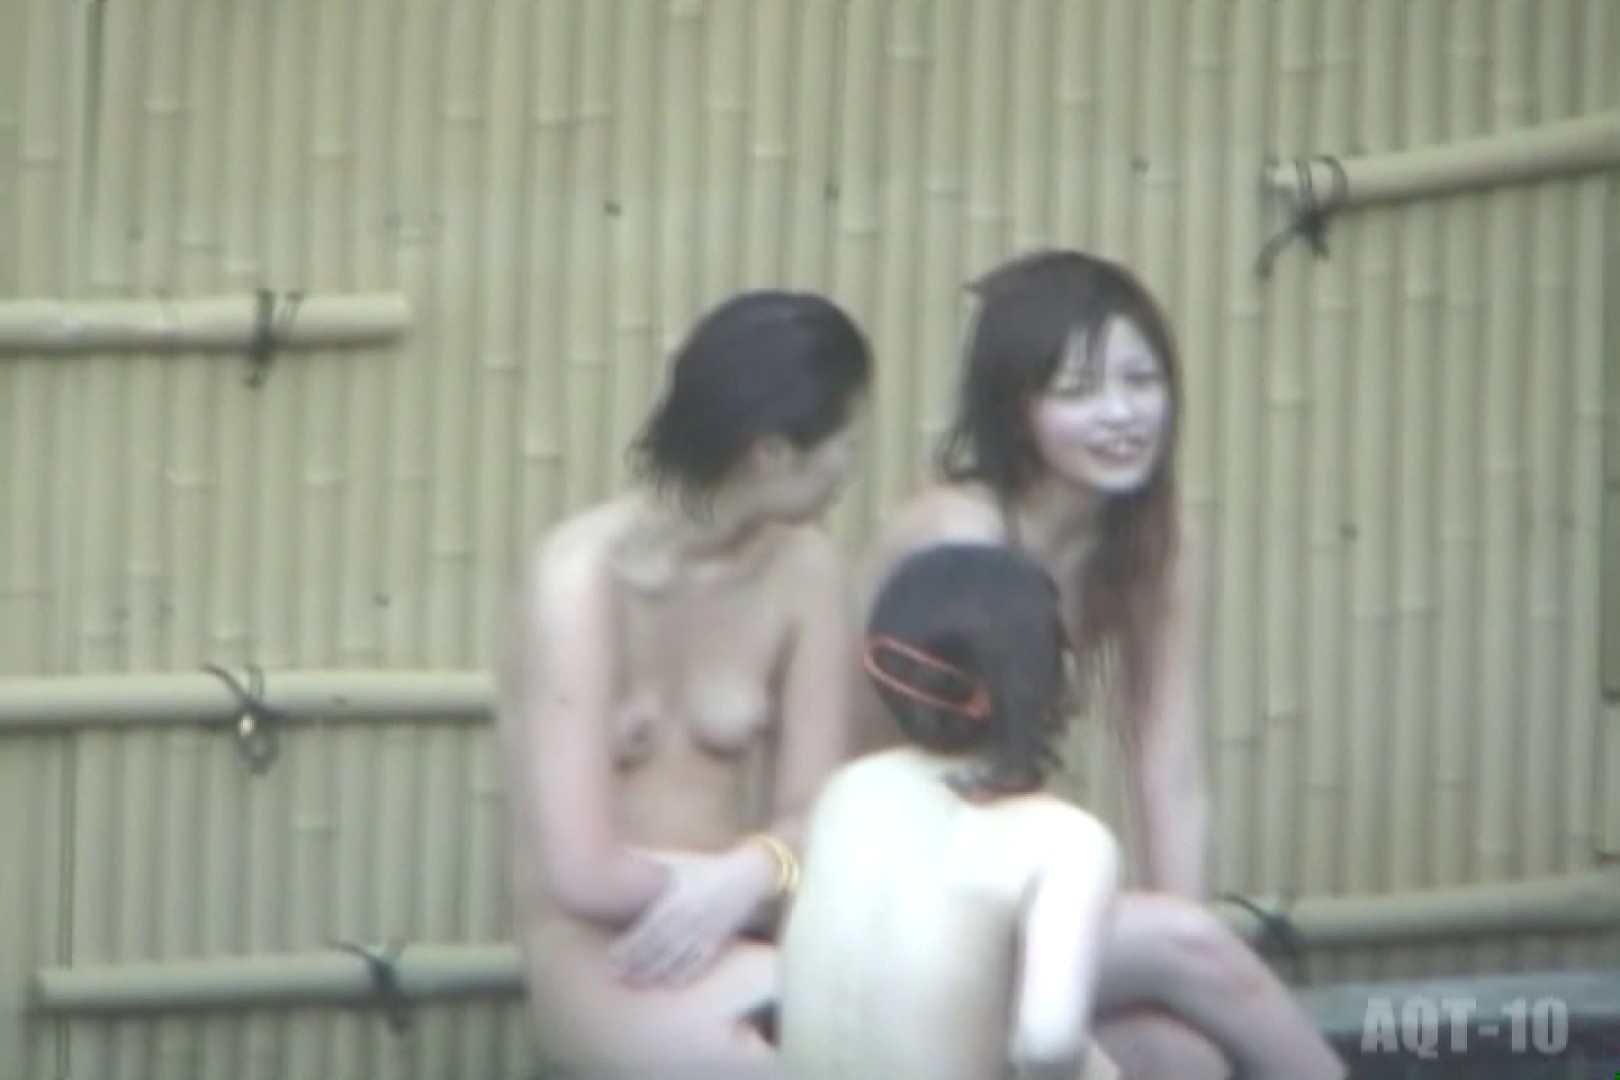 Aquaな露天風呂Vol.790 美しいOLの裸体 オメコ無修正動画無料 89pic 38